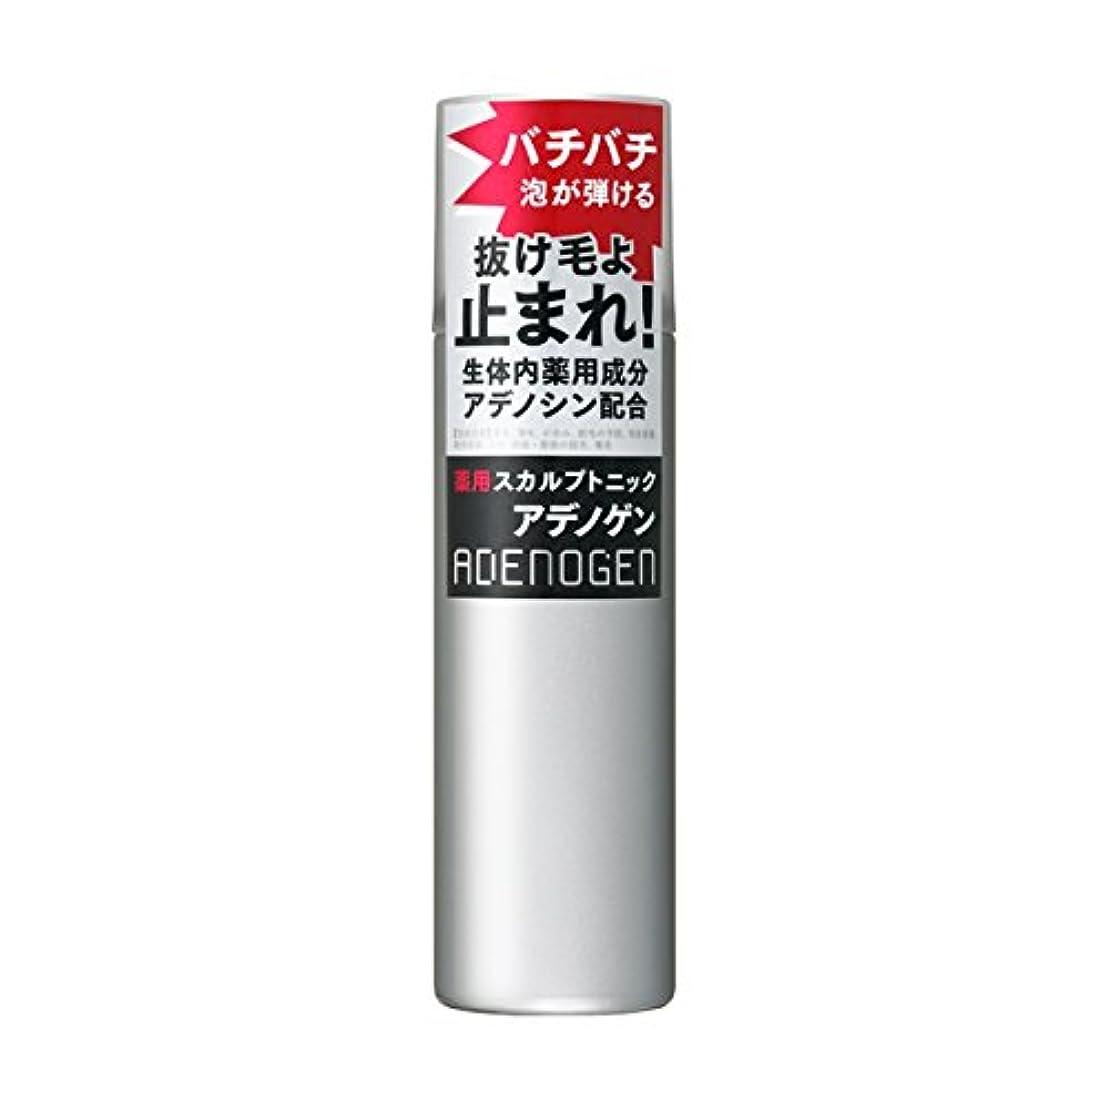 中級花起こりやすいアデノゲン 薬用スカルプトニック 130g 【医薬部外品】